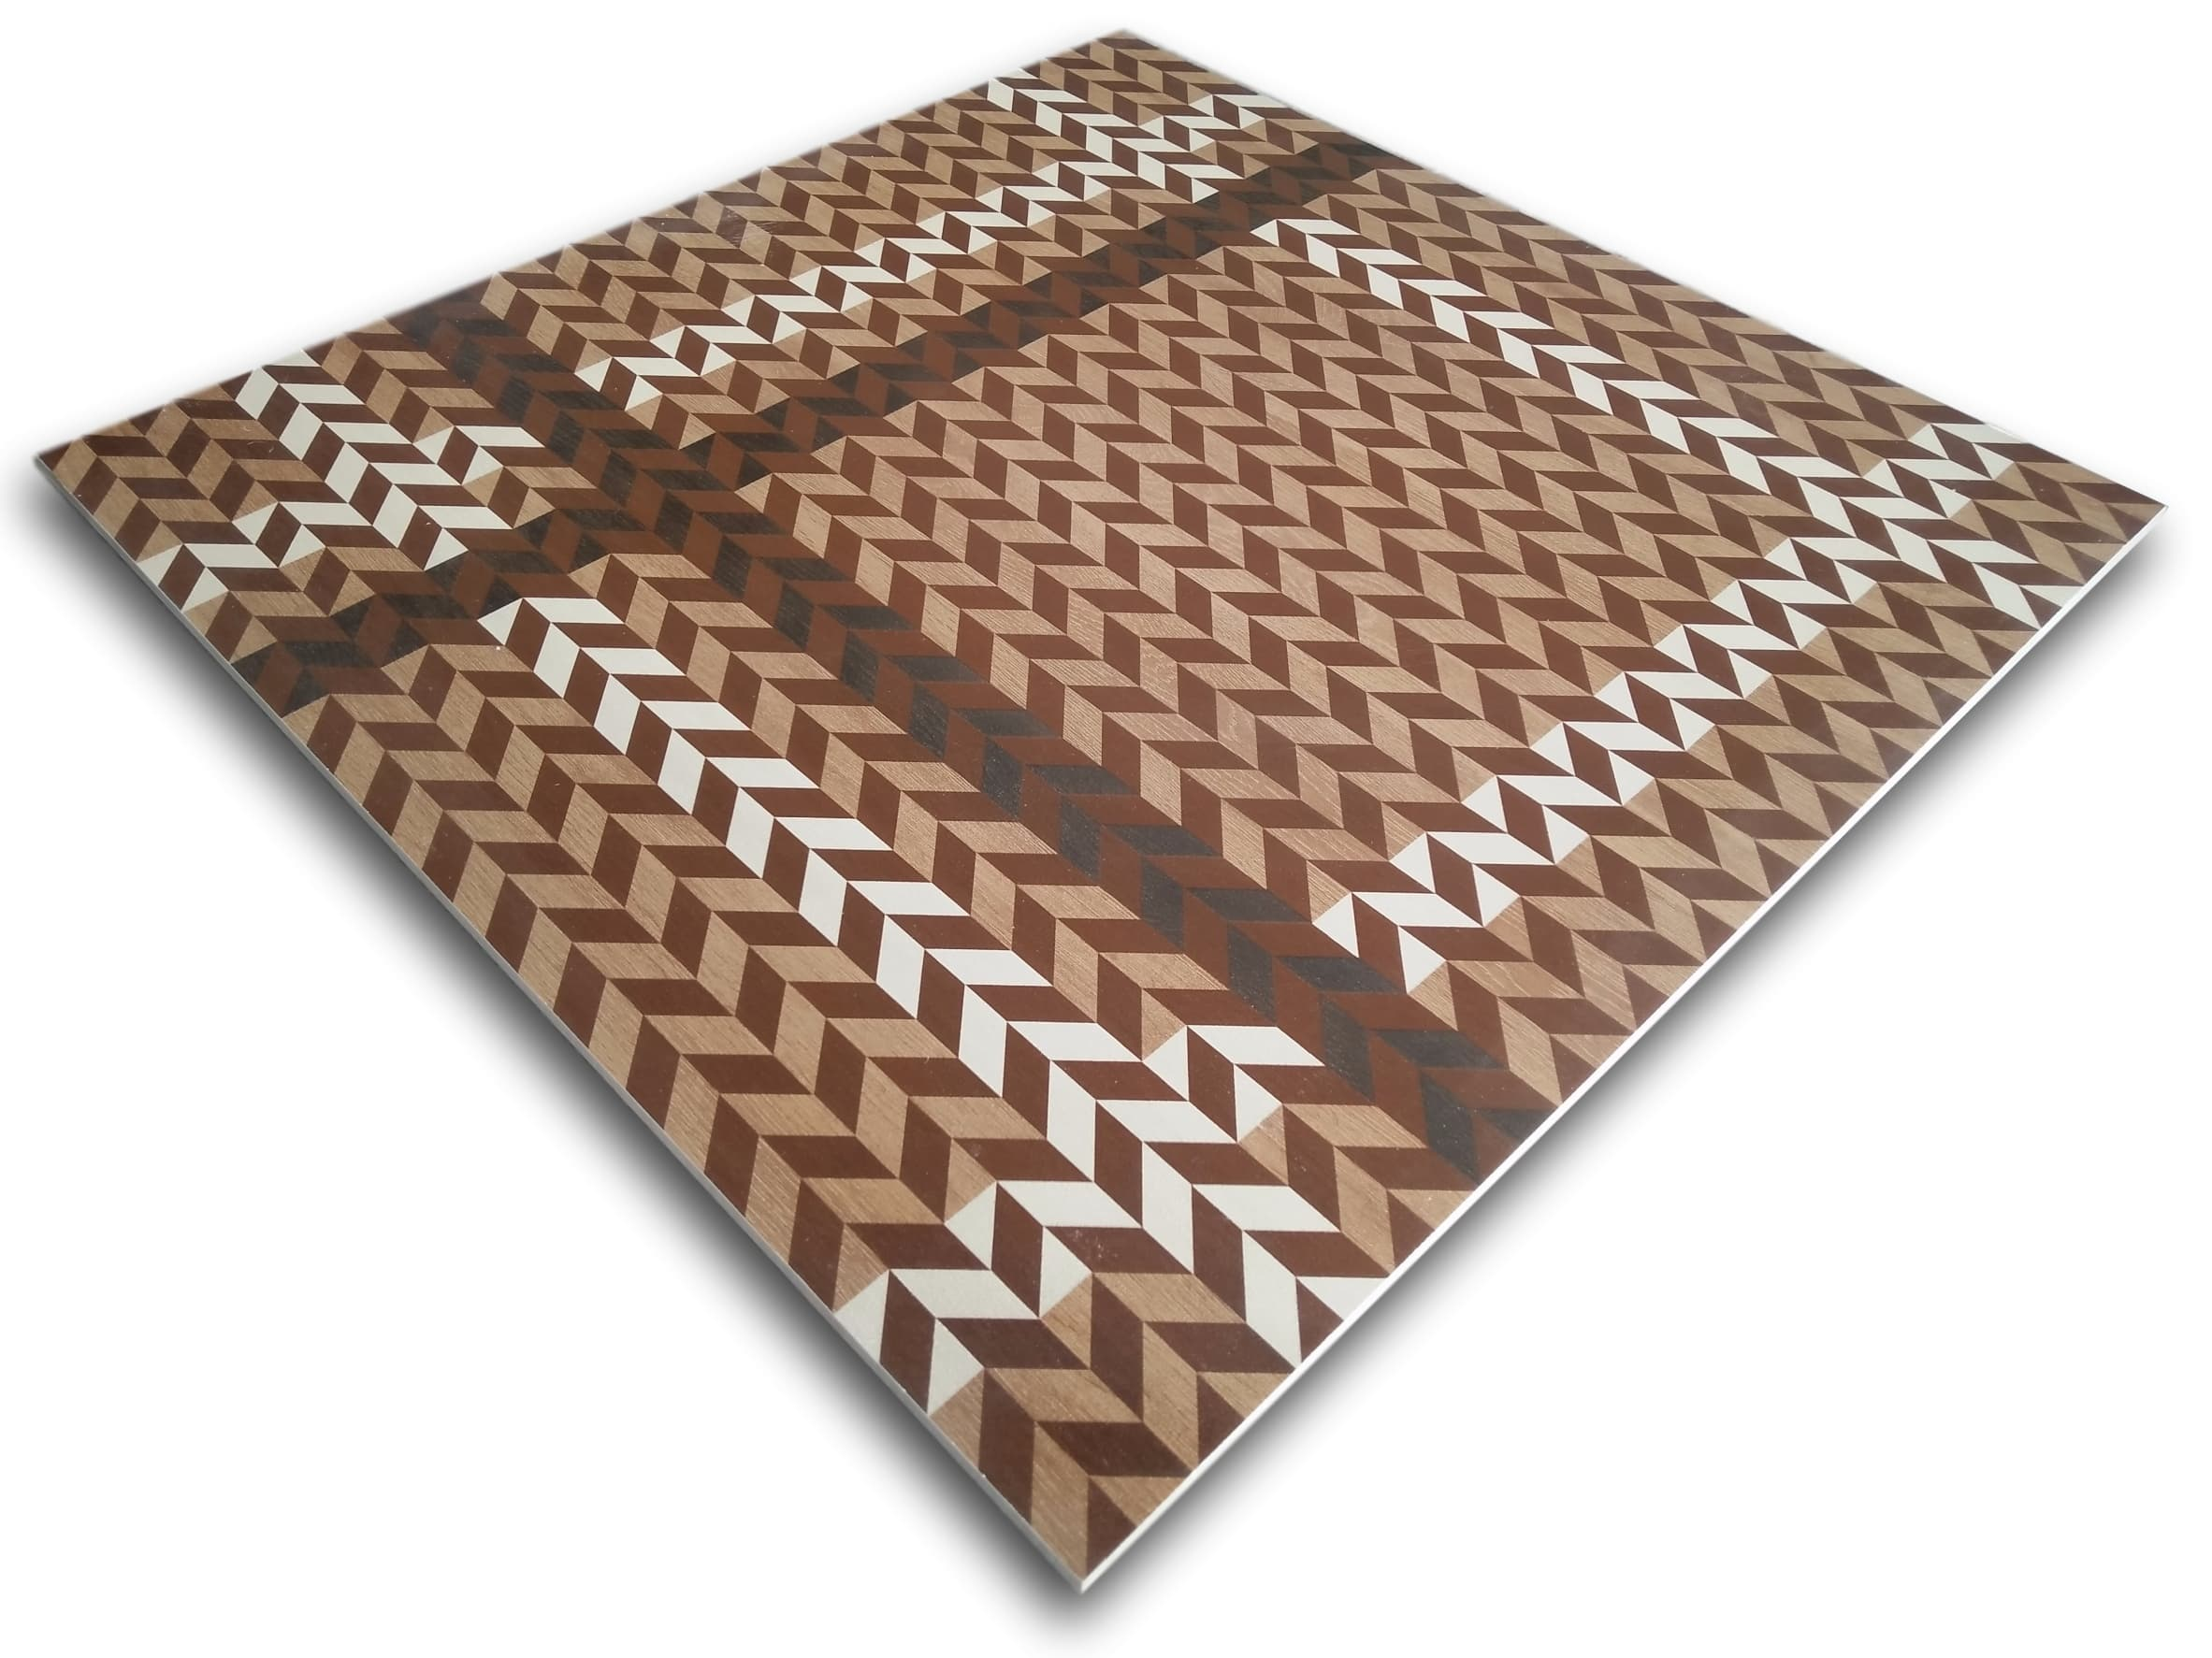 płytka drewnopodobna ze wzorami do przedpokoju aparici dwood wheat natural 60x60